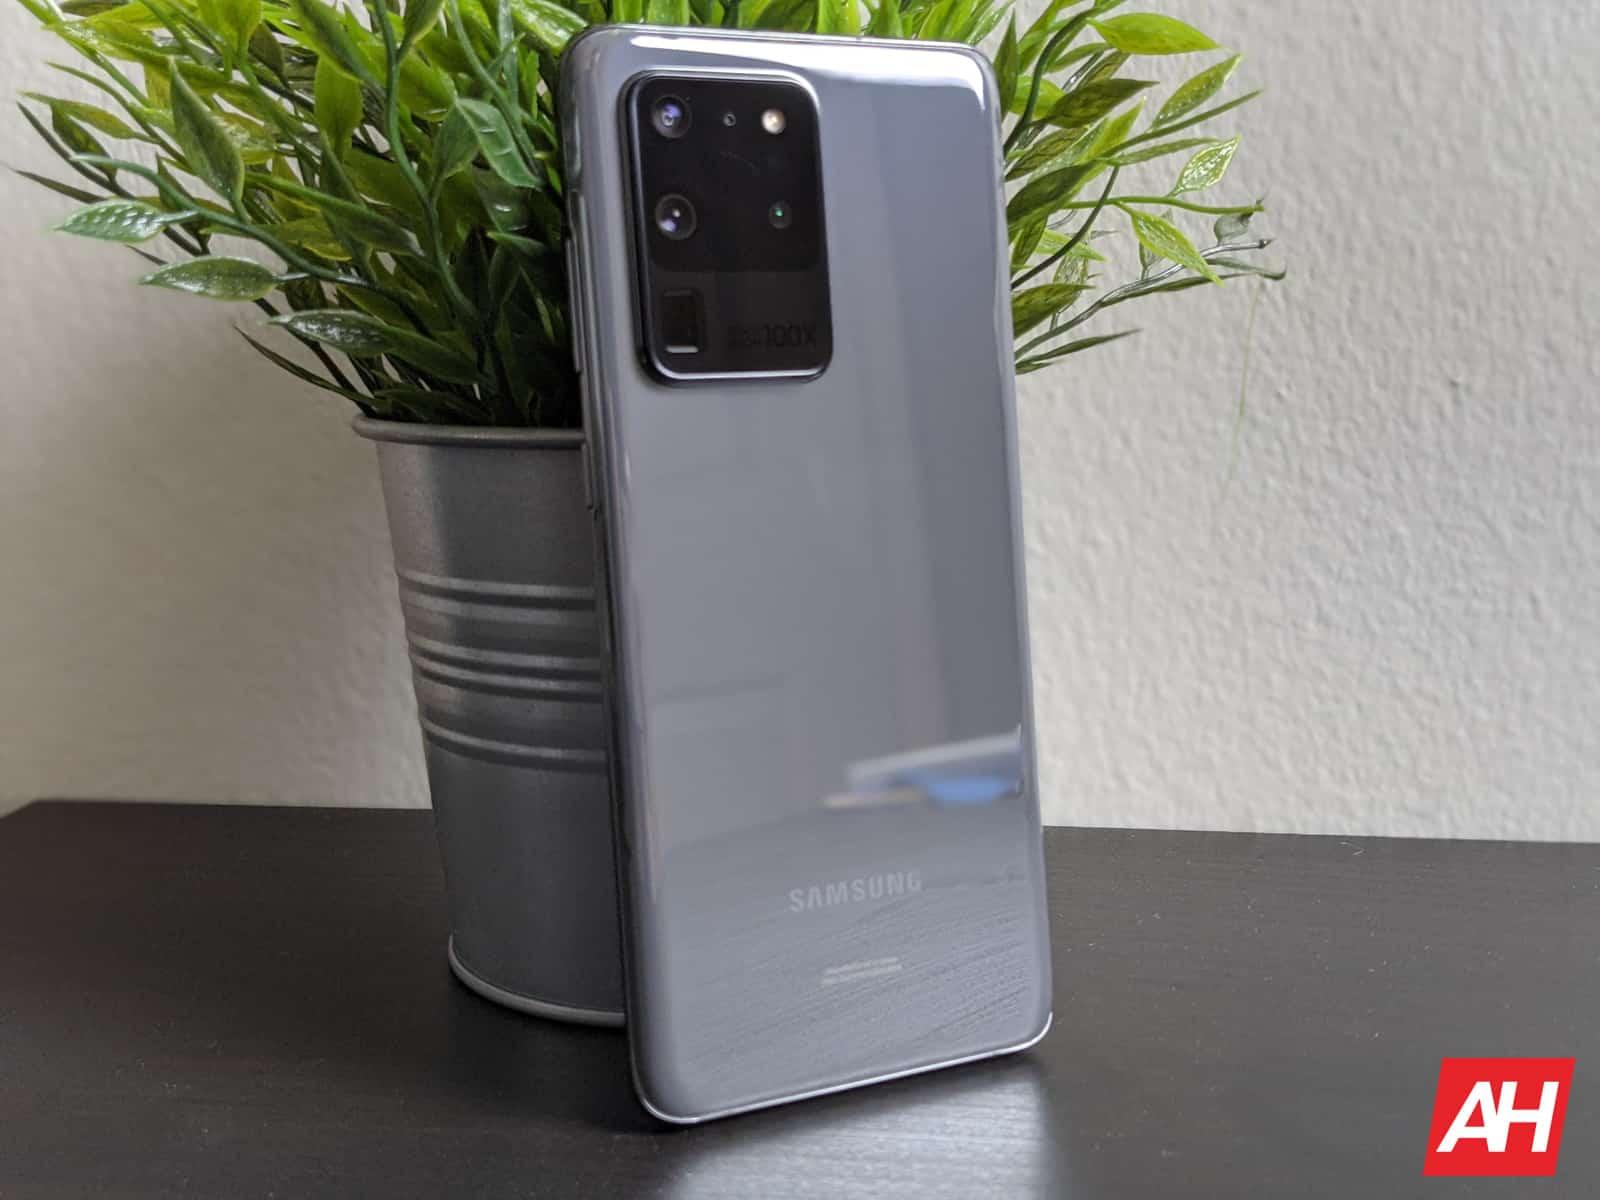 Galaxy Cập nhật chương trình cơ sở lần thứ 2 của S20, cải thiện camera & cử chỉ 1